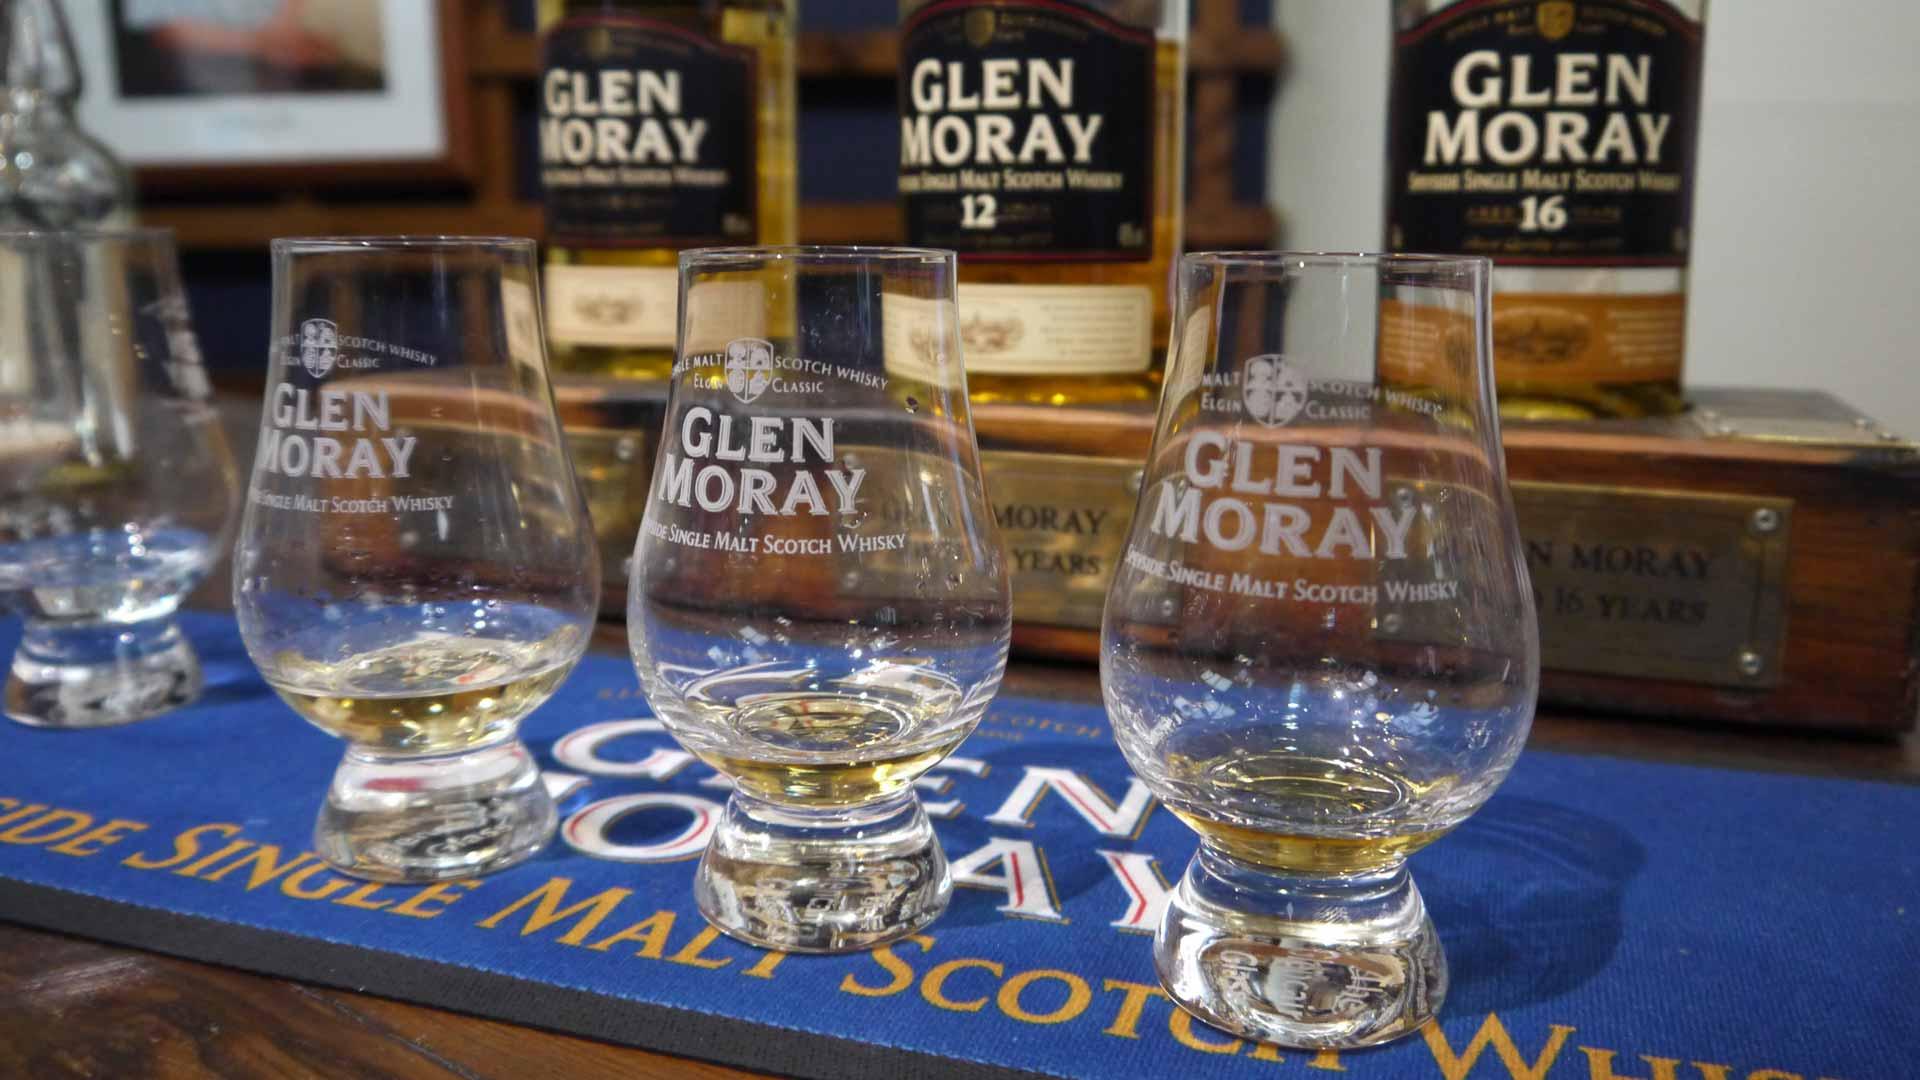 Bei der Verkostung von Whisky kann ein vertikales Tasting Sinn machen, wie hier bei Glen Moray. (Foto: Malt Whisky)